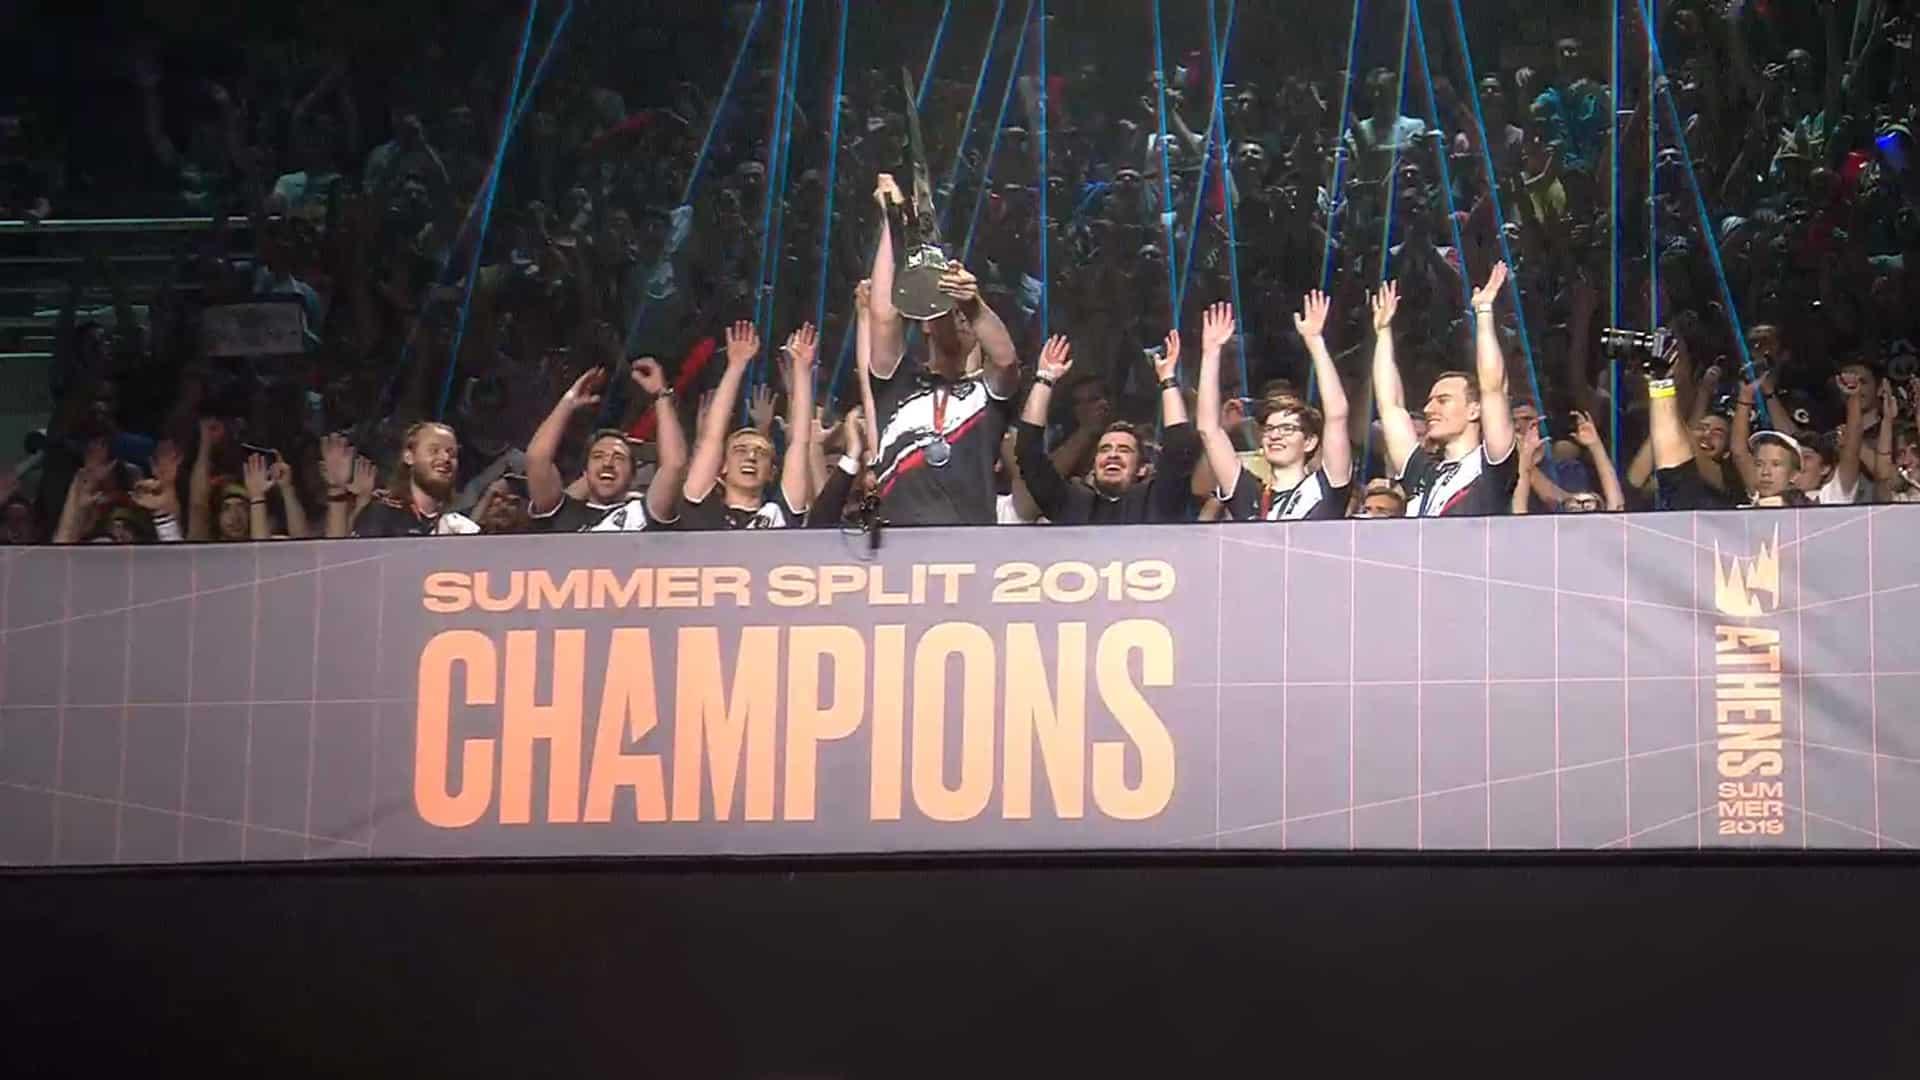 Riot Games G2 vs. FNC Finals LEC Summer G2 Esports vs. Fnatic 2019 Twitch Google Chrome 08.09